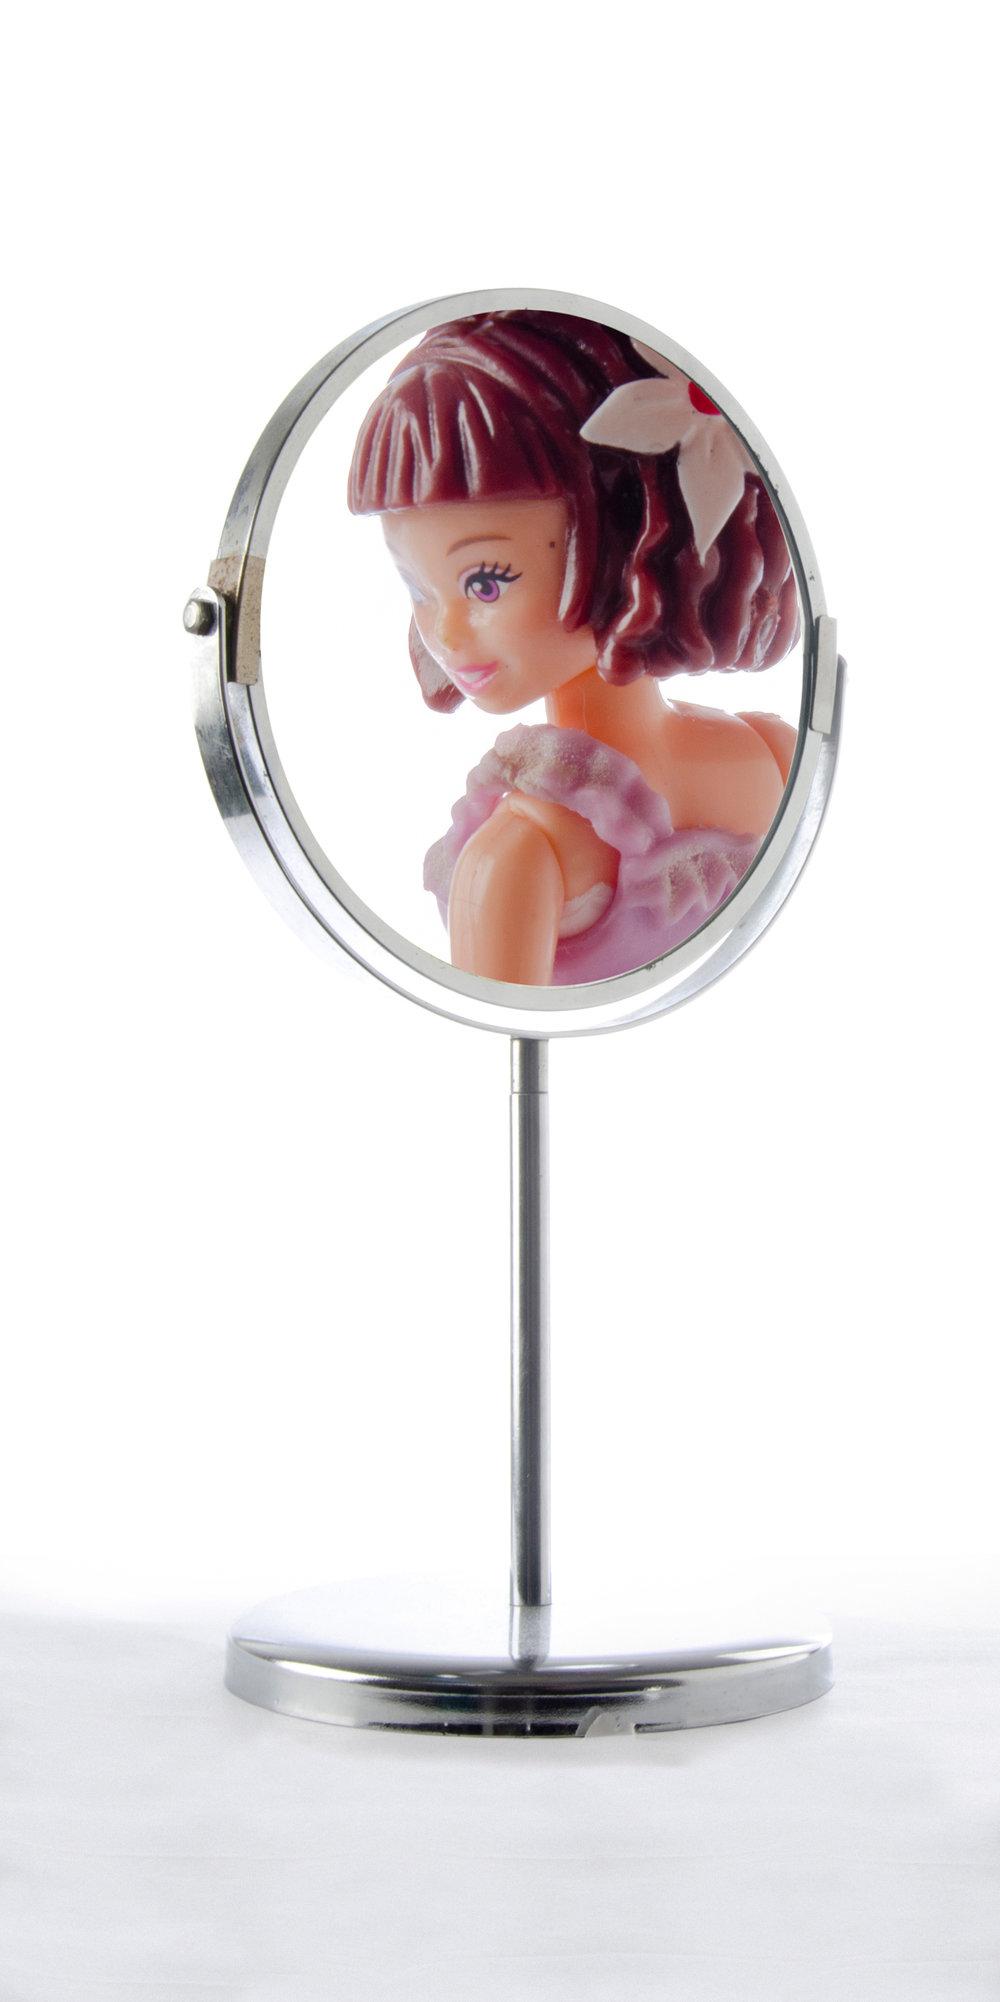 espejo grande.jpg